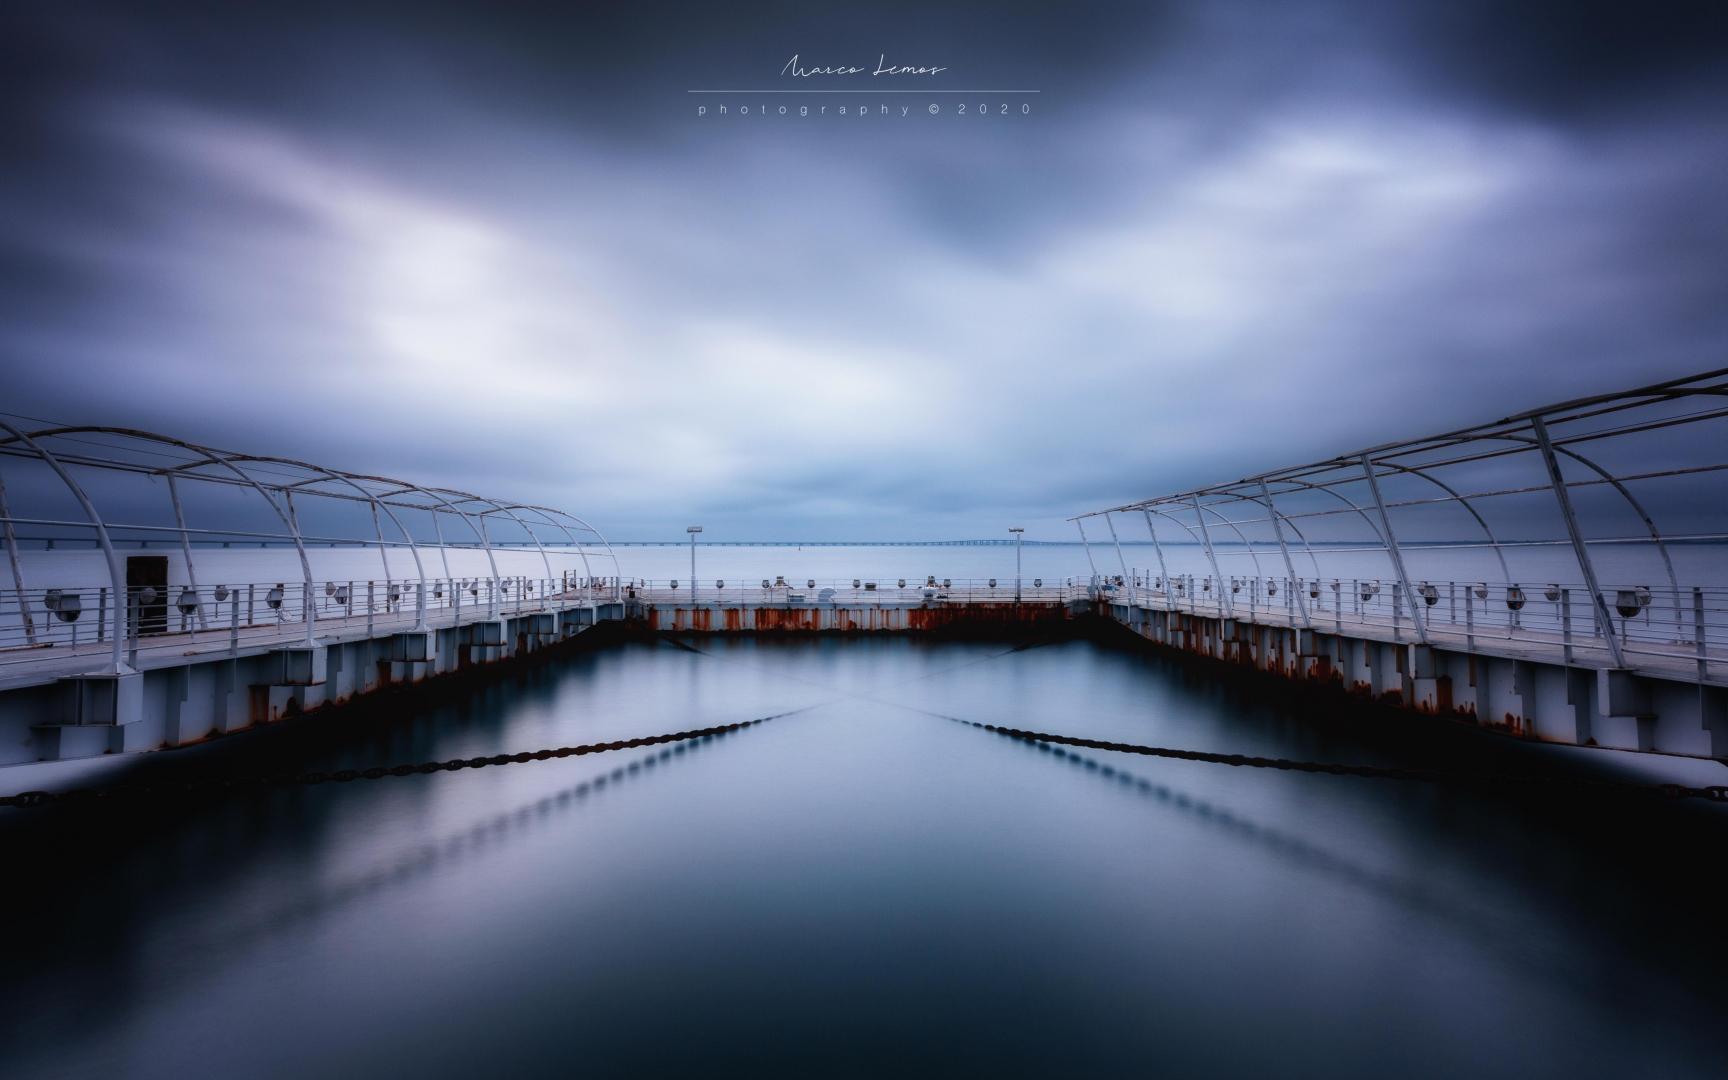 © Marco Lemos - s u b m e r s o